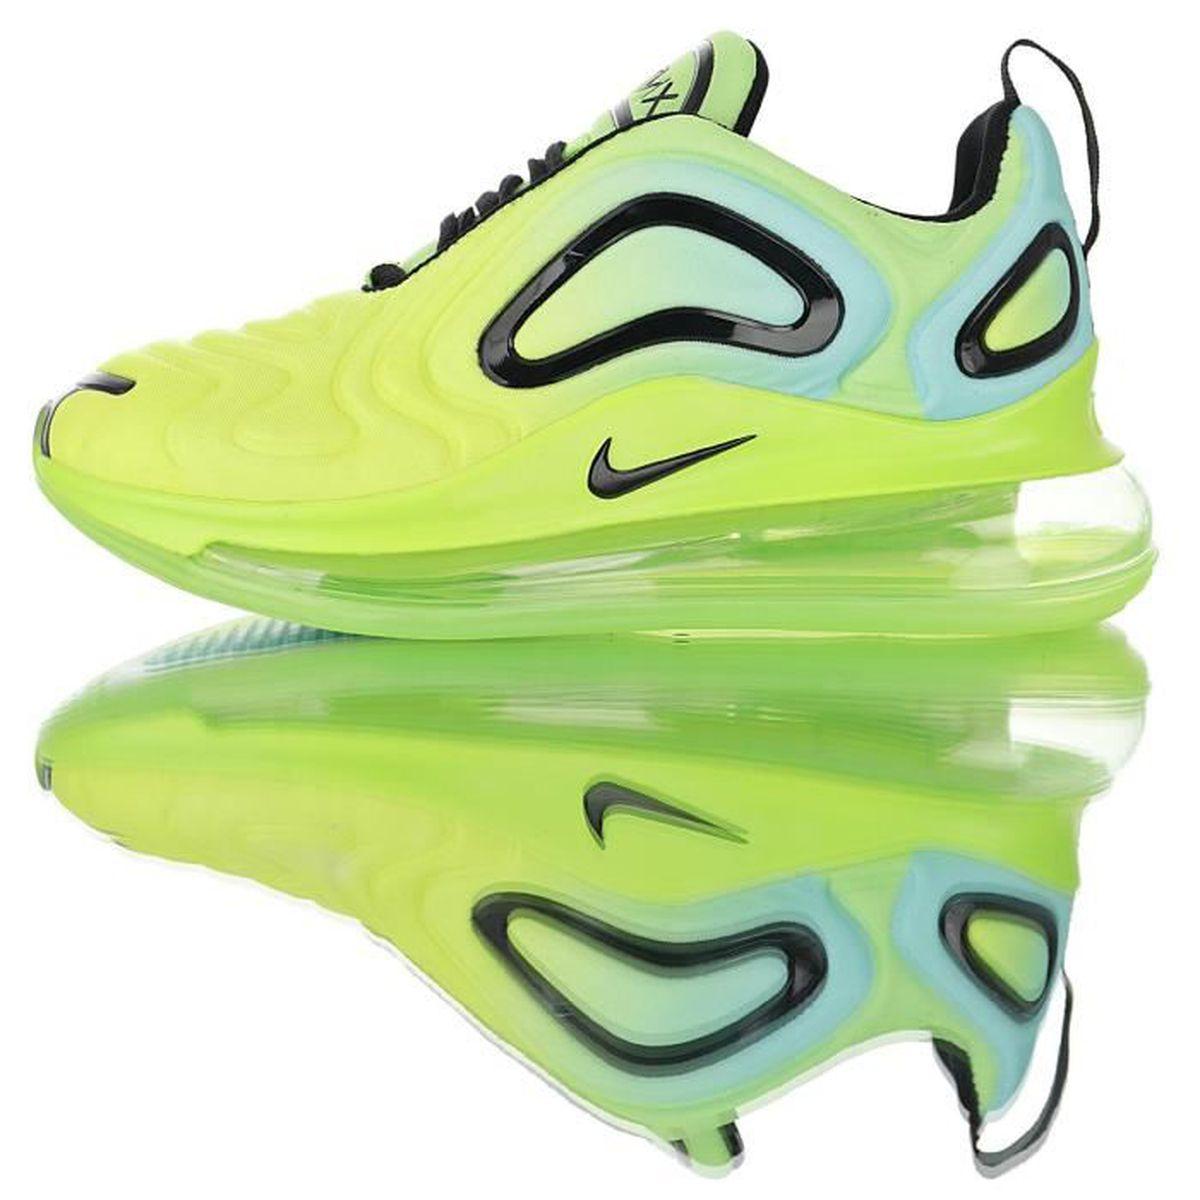 Nike Baskets Air Max 720 Chaussures de Course homme Vert Vert Vert ...